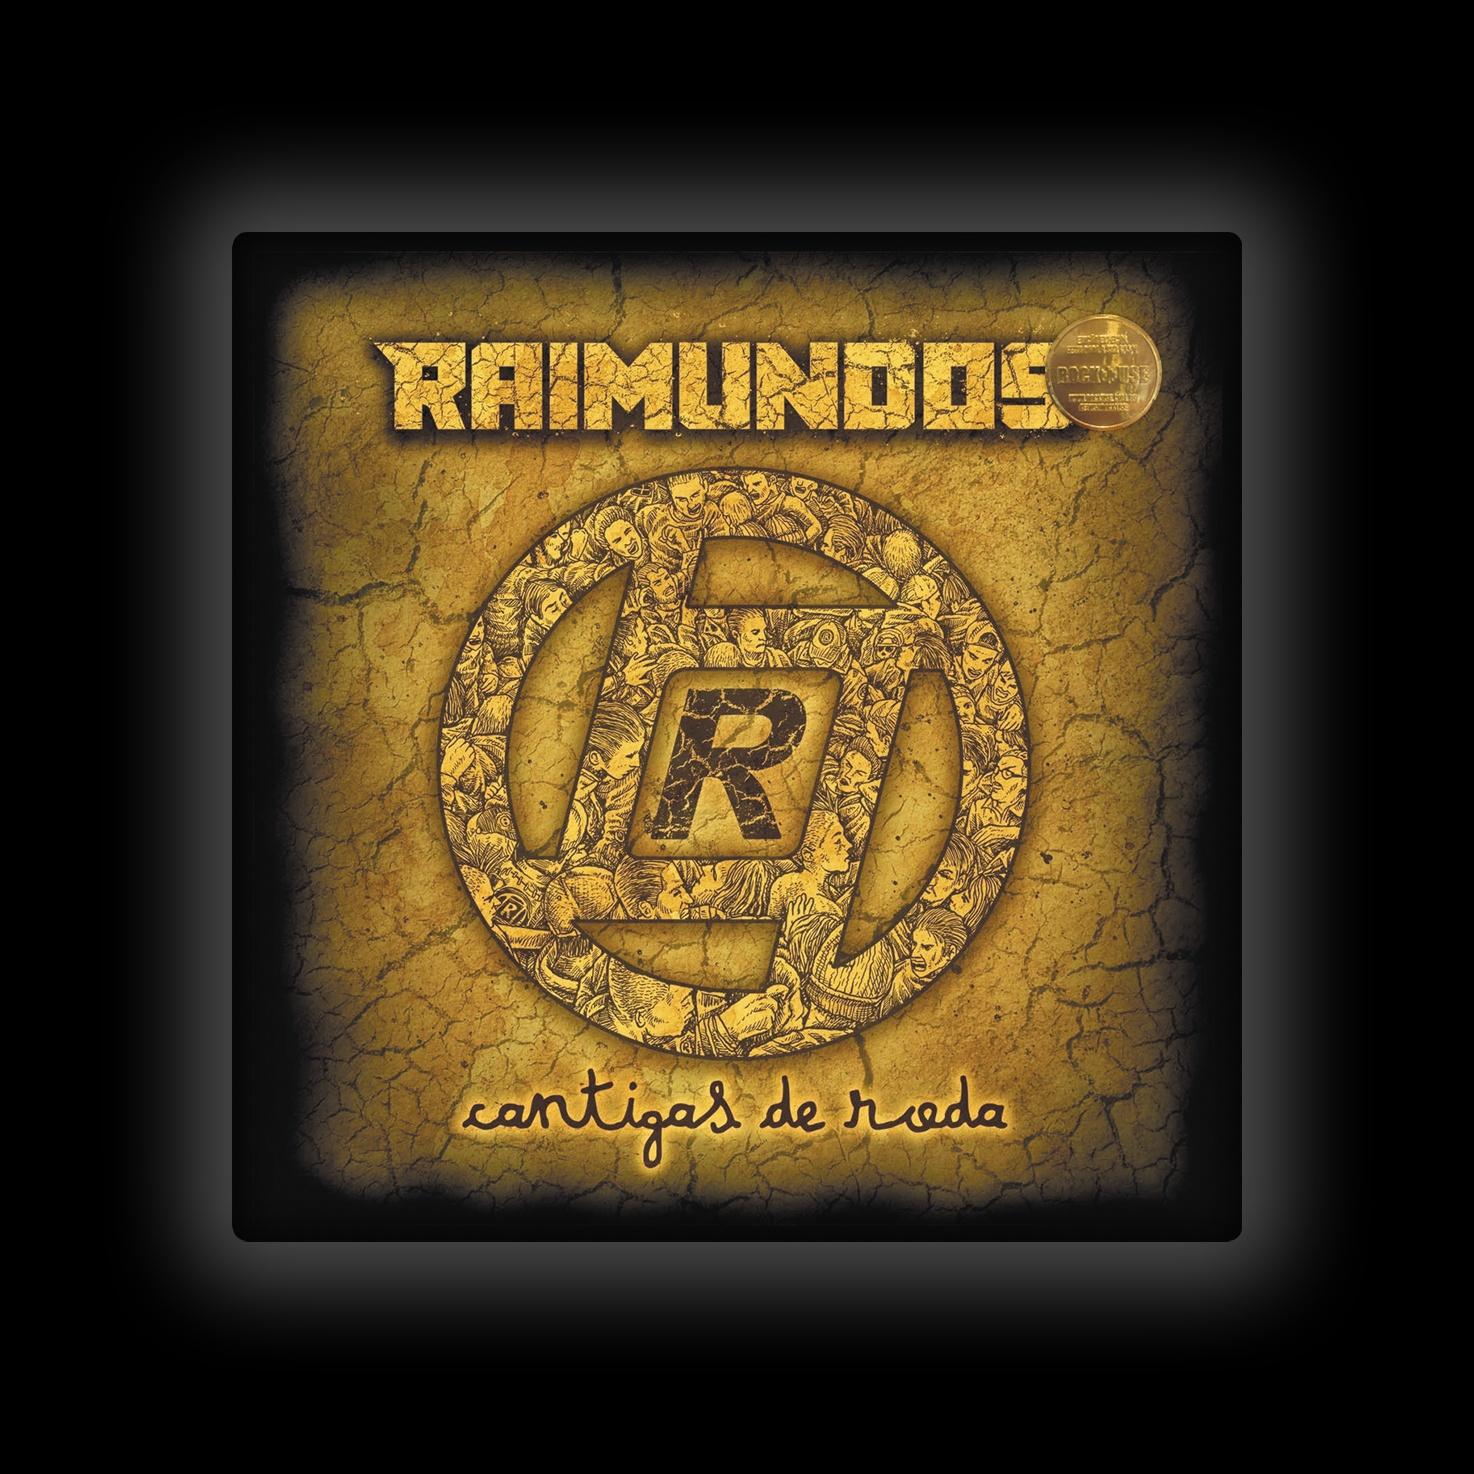 Capa de Almofada Raimundos - Cantigas de Roda